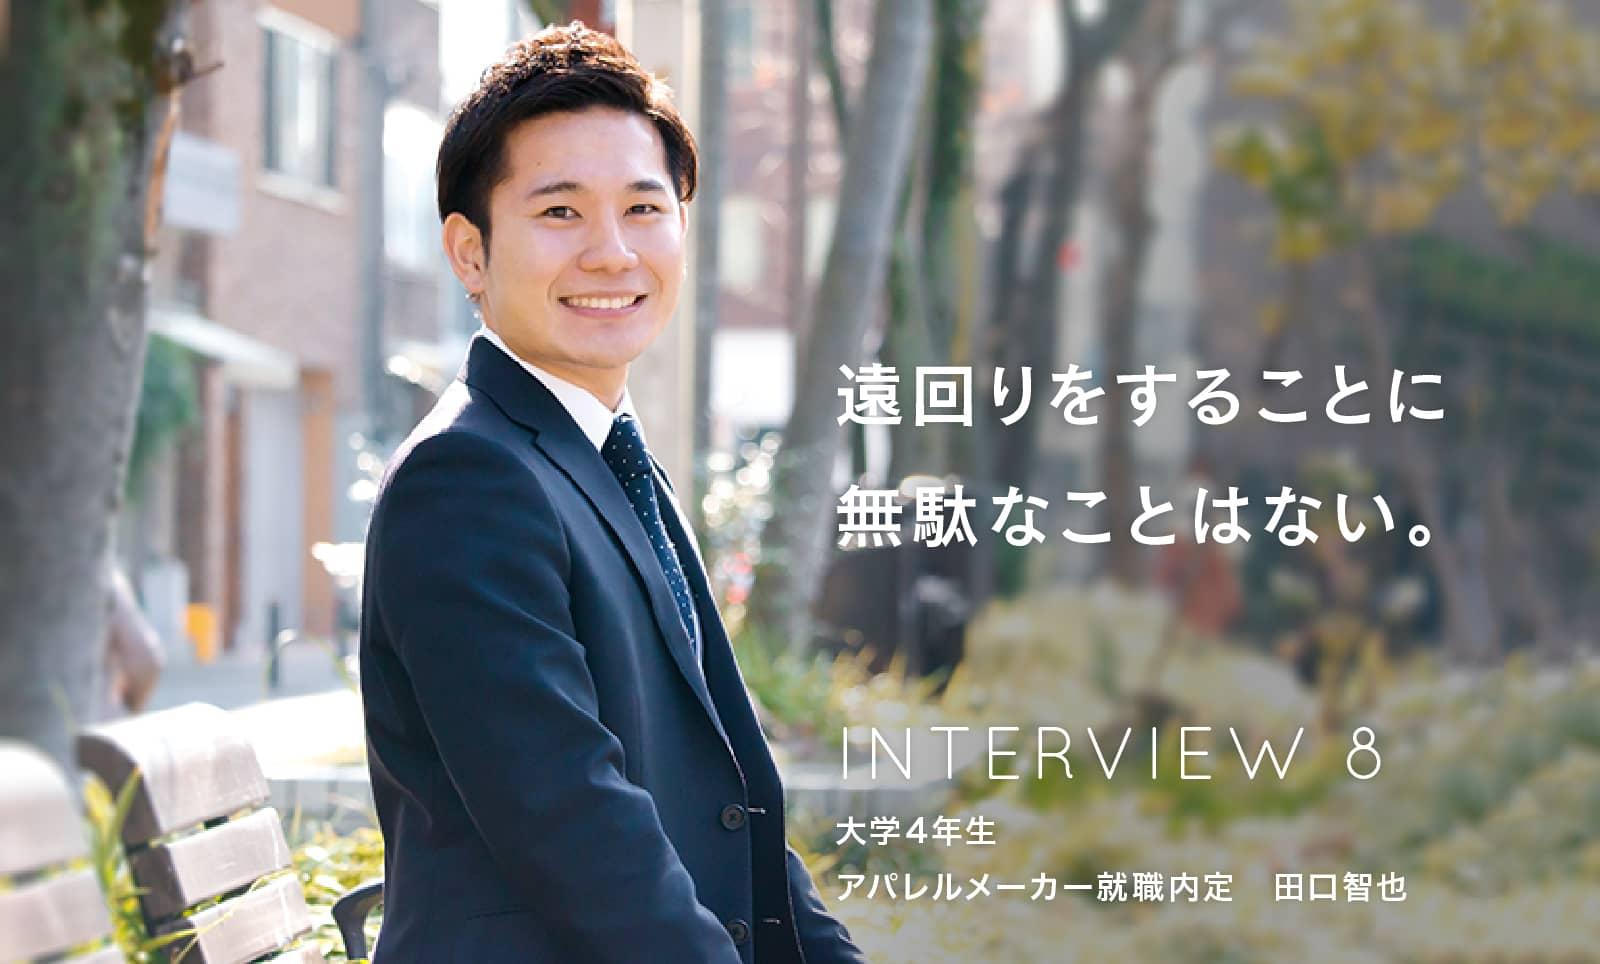 INTERVIEW 06 アパレルメーカー 田口 智也 さん